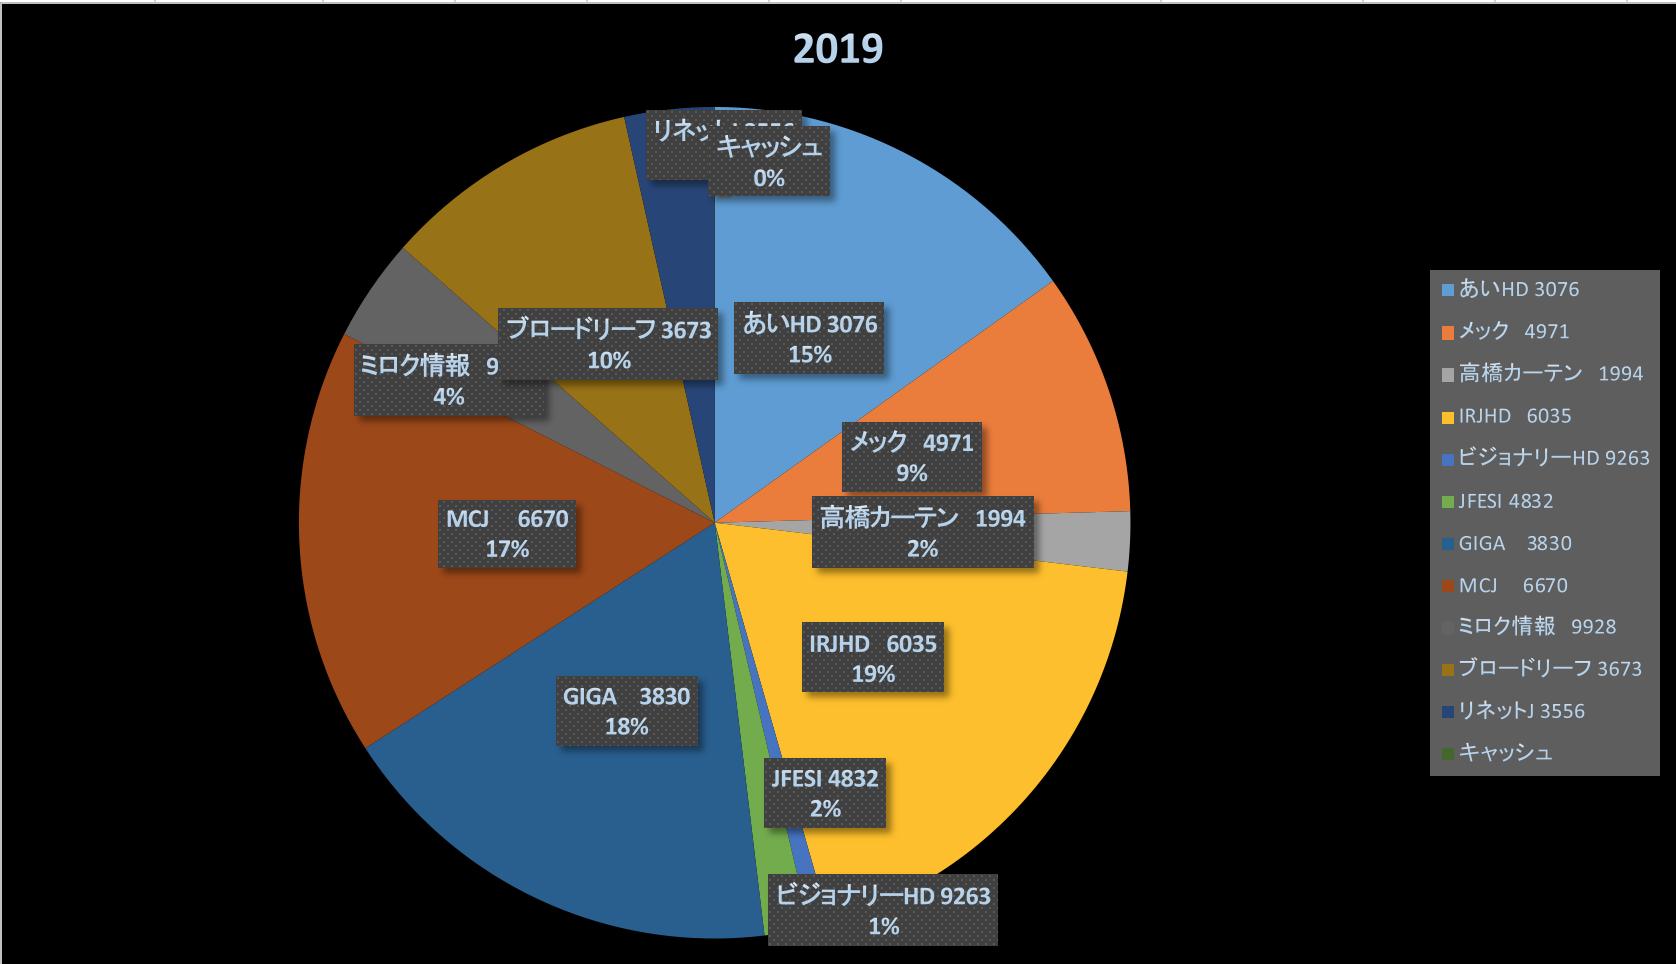 絶望から始めよう(株式投資成績報告2019/7/7)